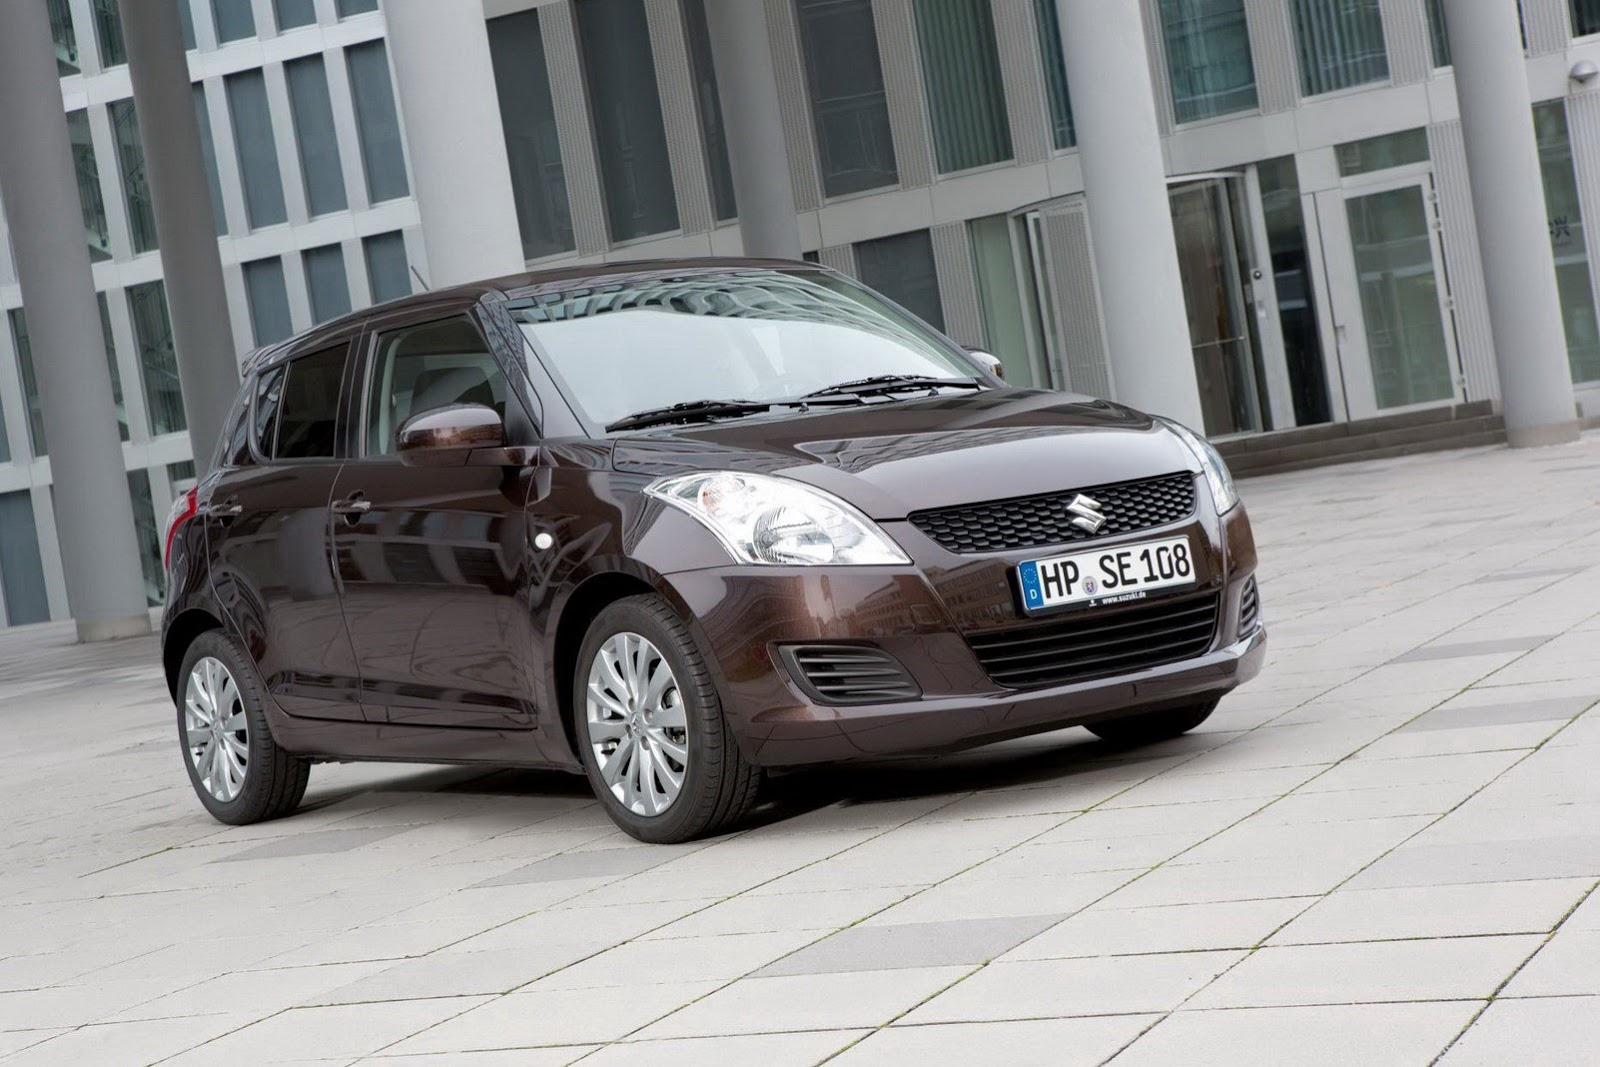 Recensione e prezzi della nuova Suzuki Swift Recensioni